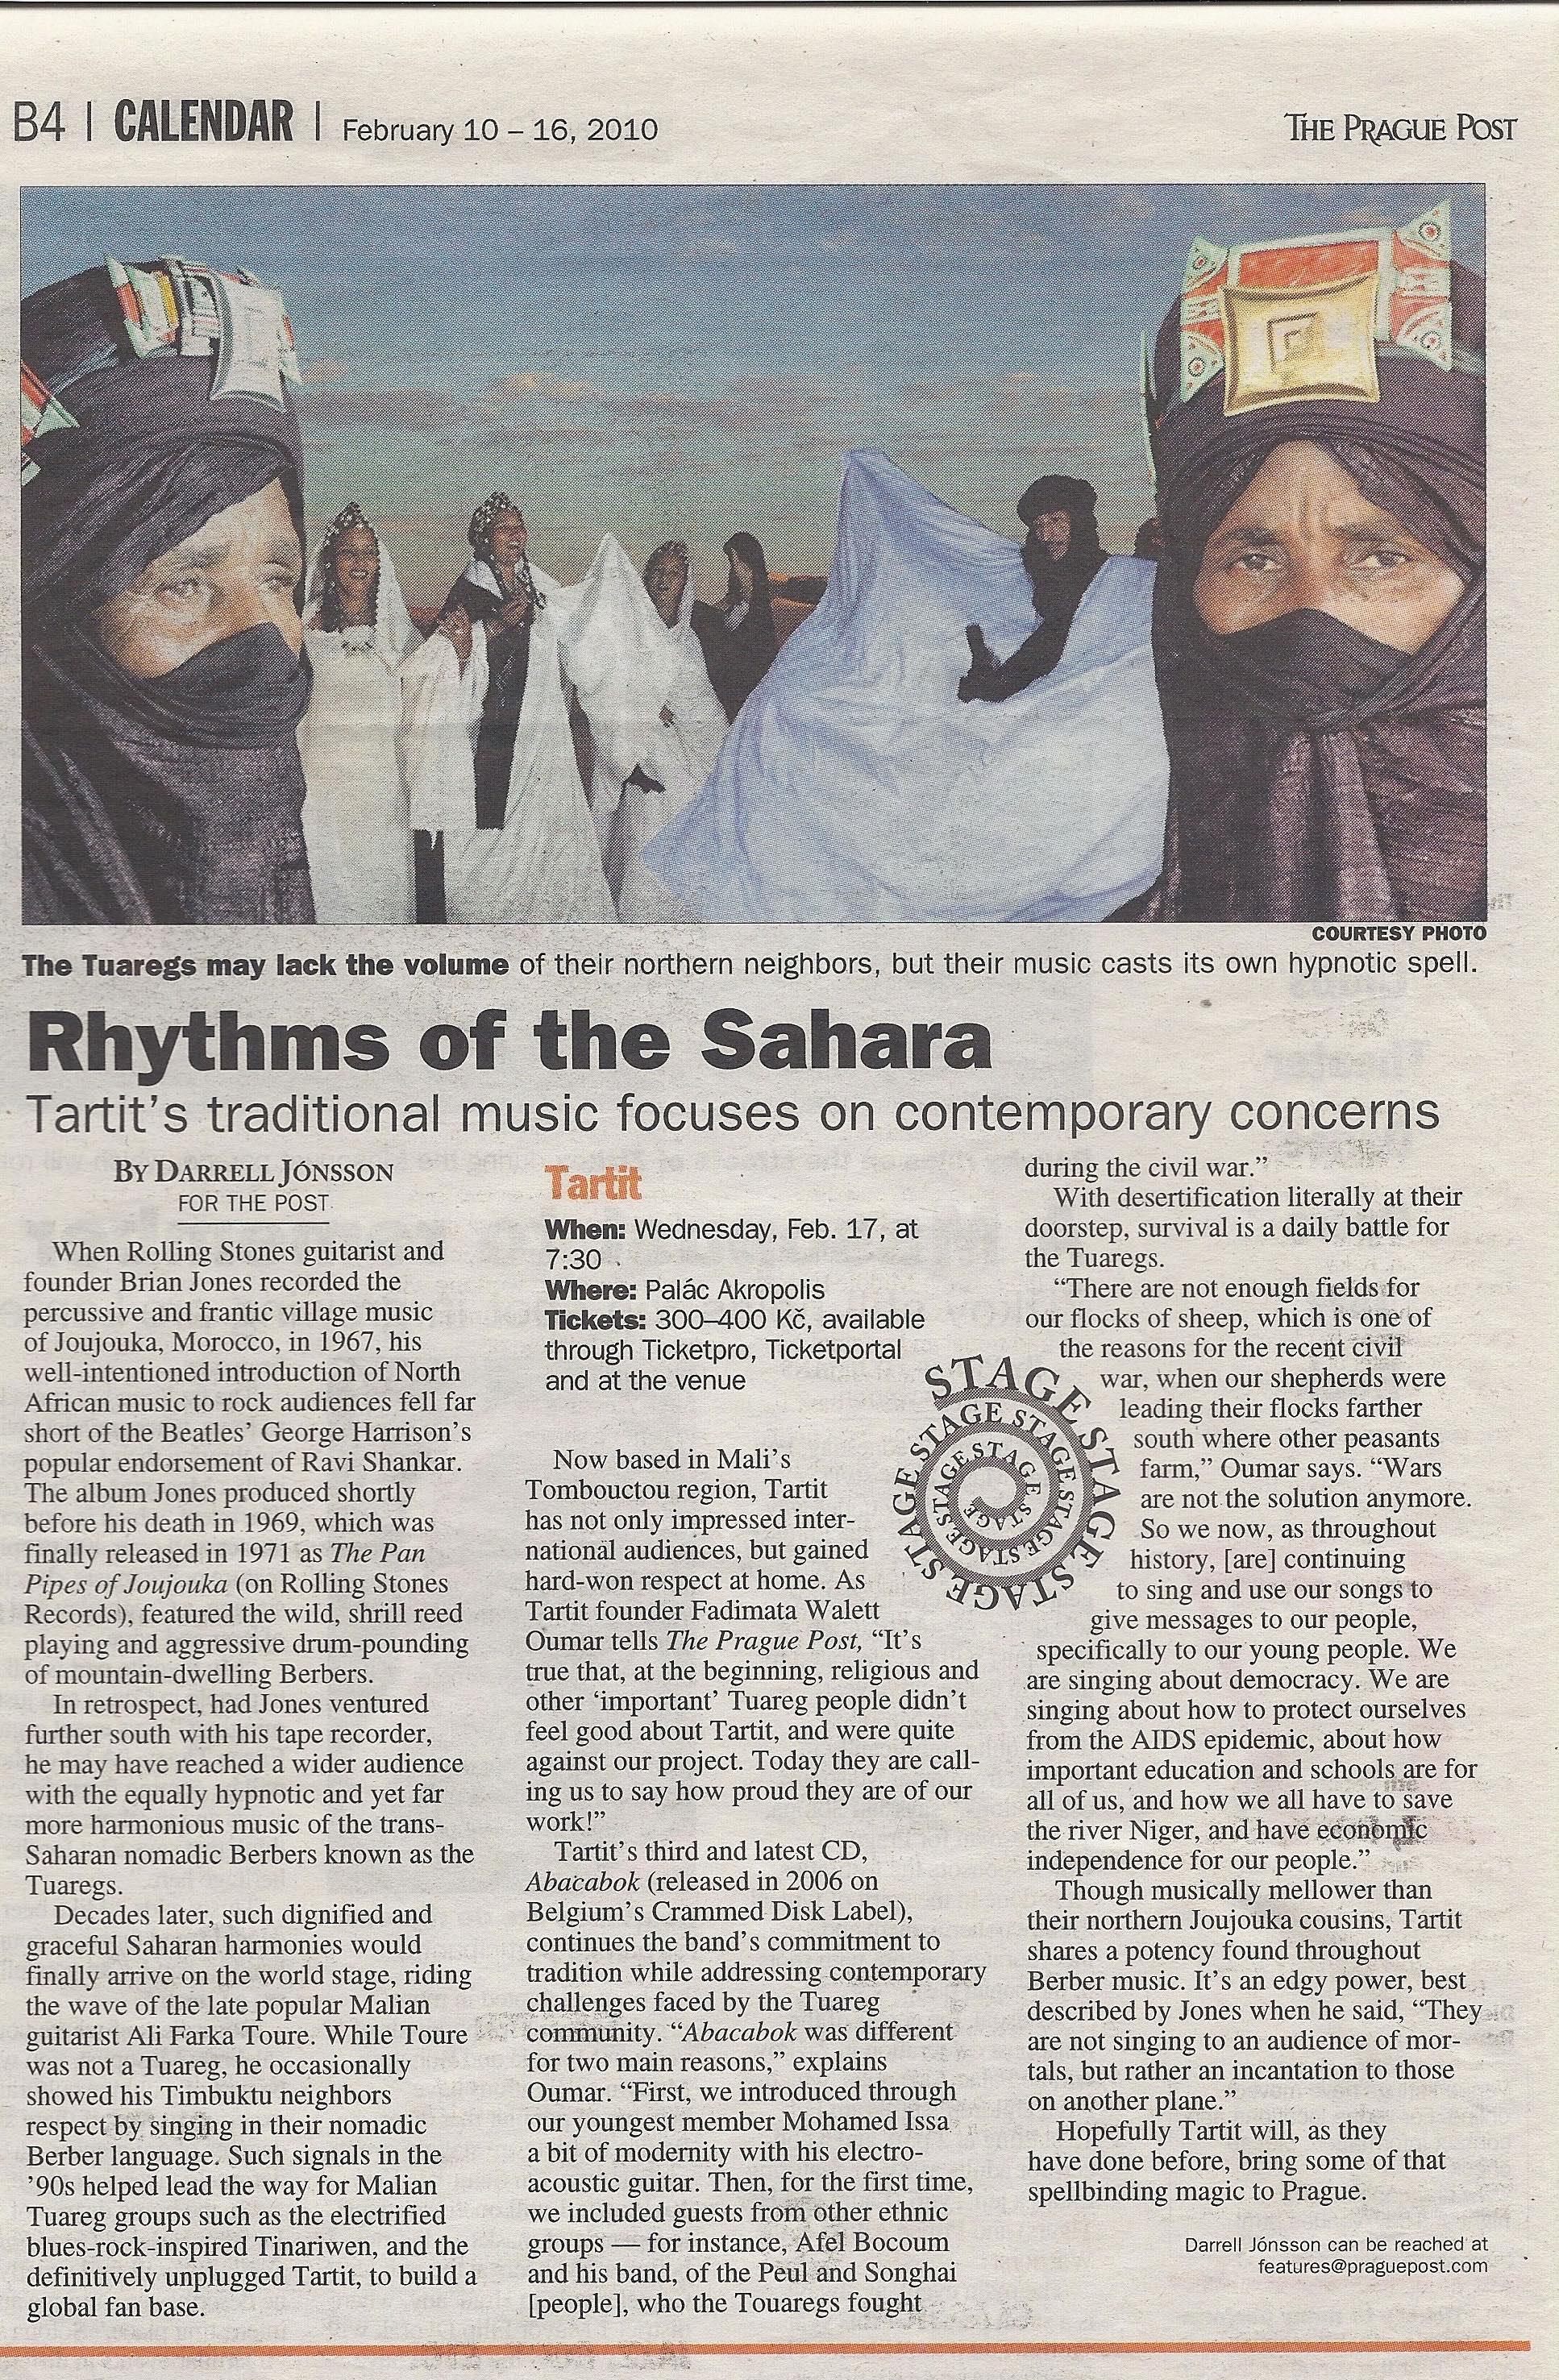 rhythms_of_the_sahara_edited